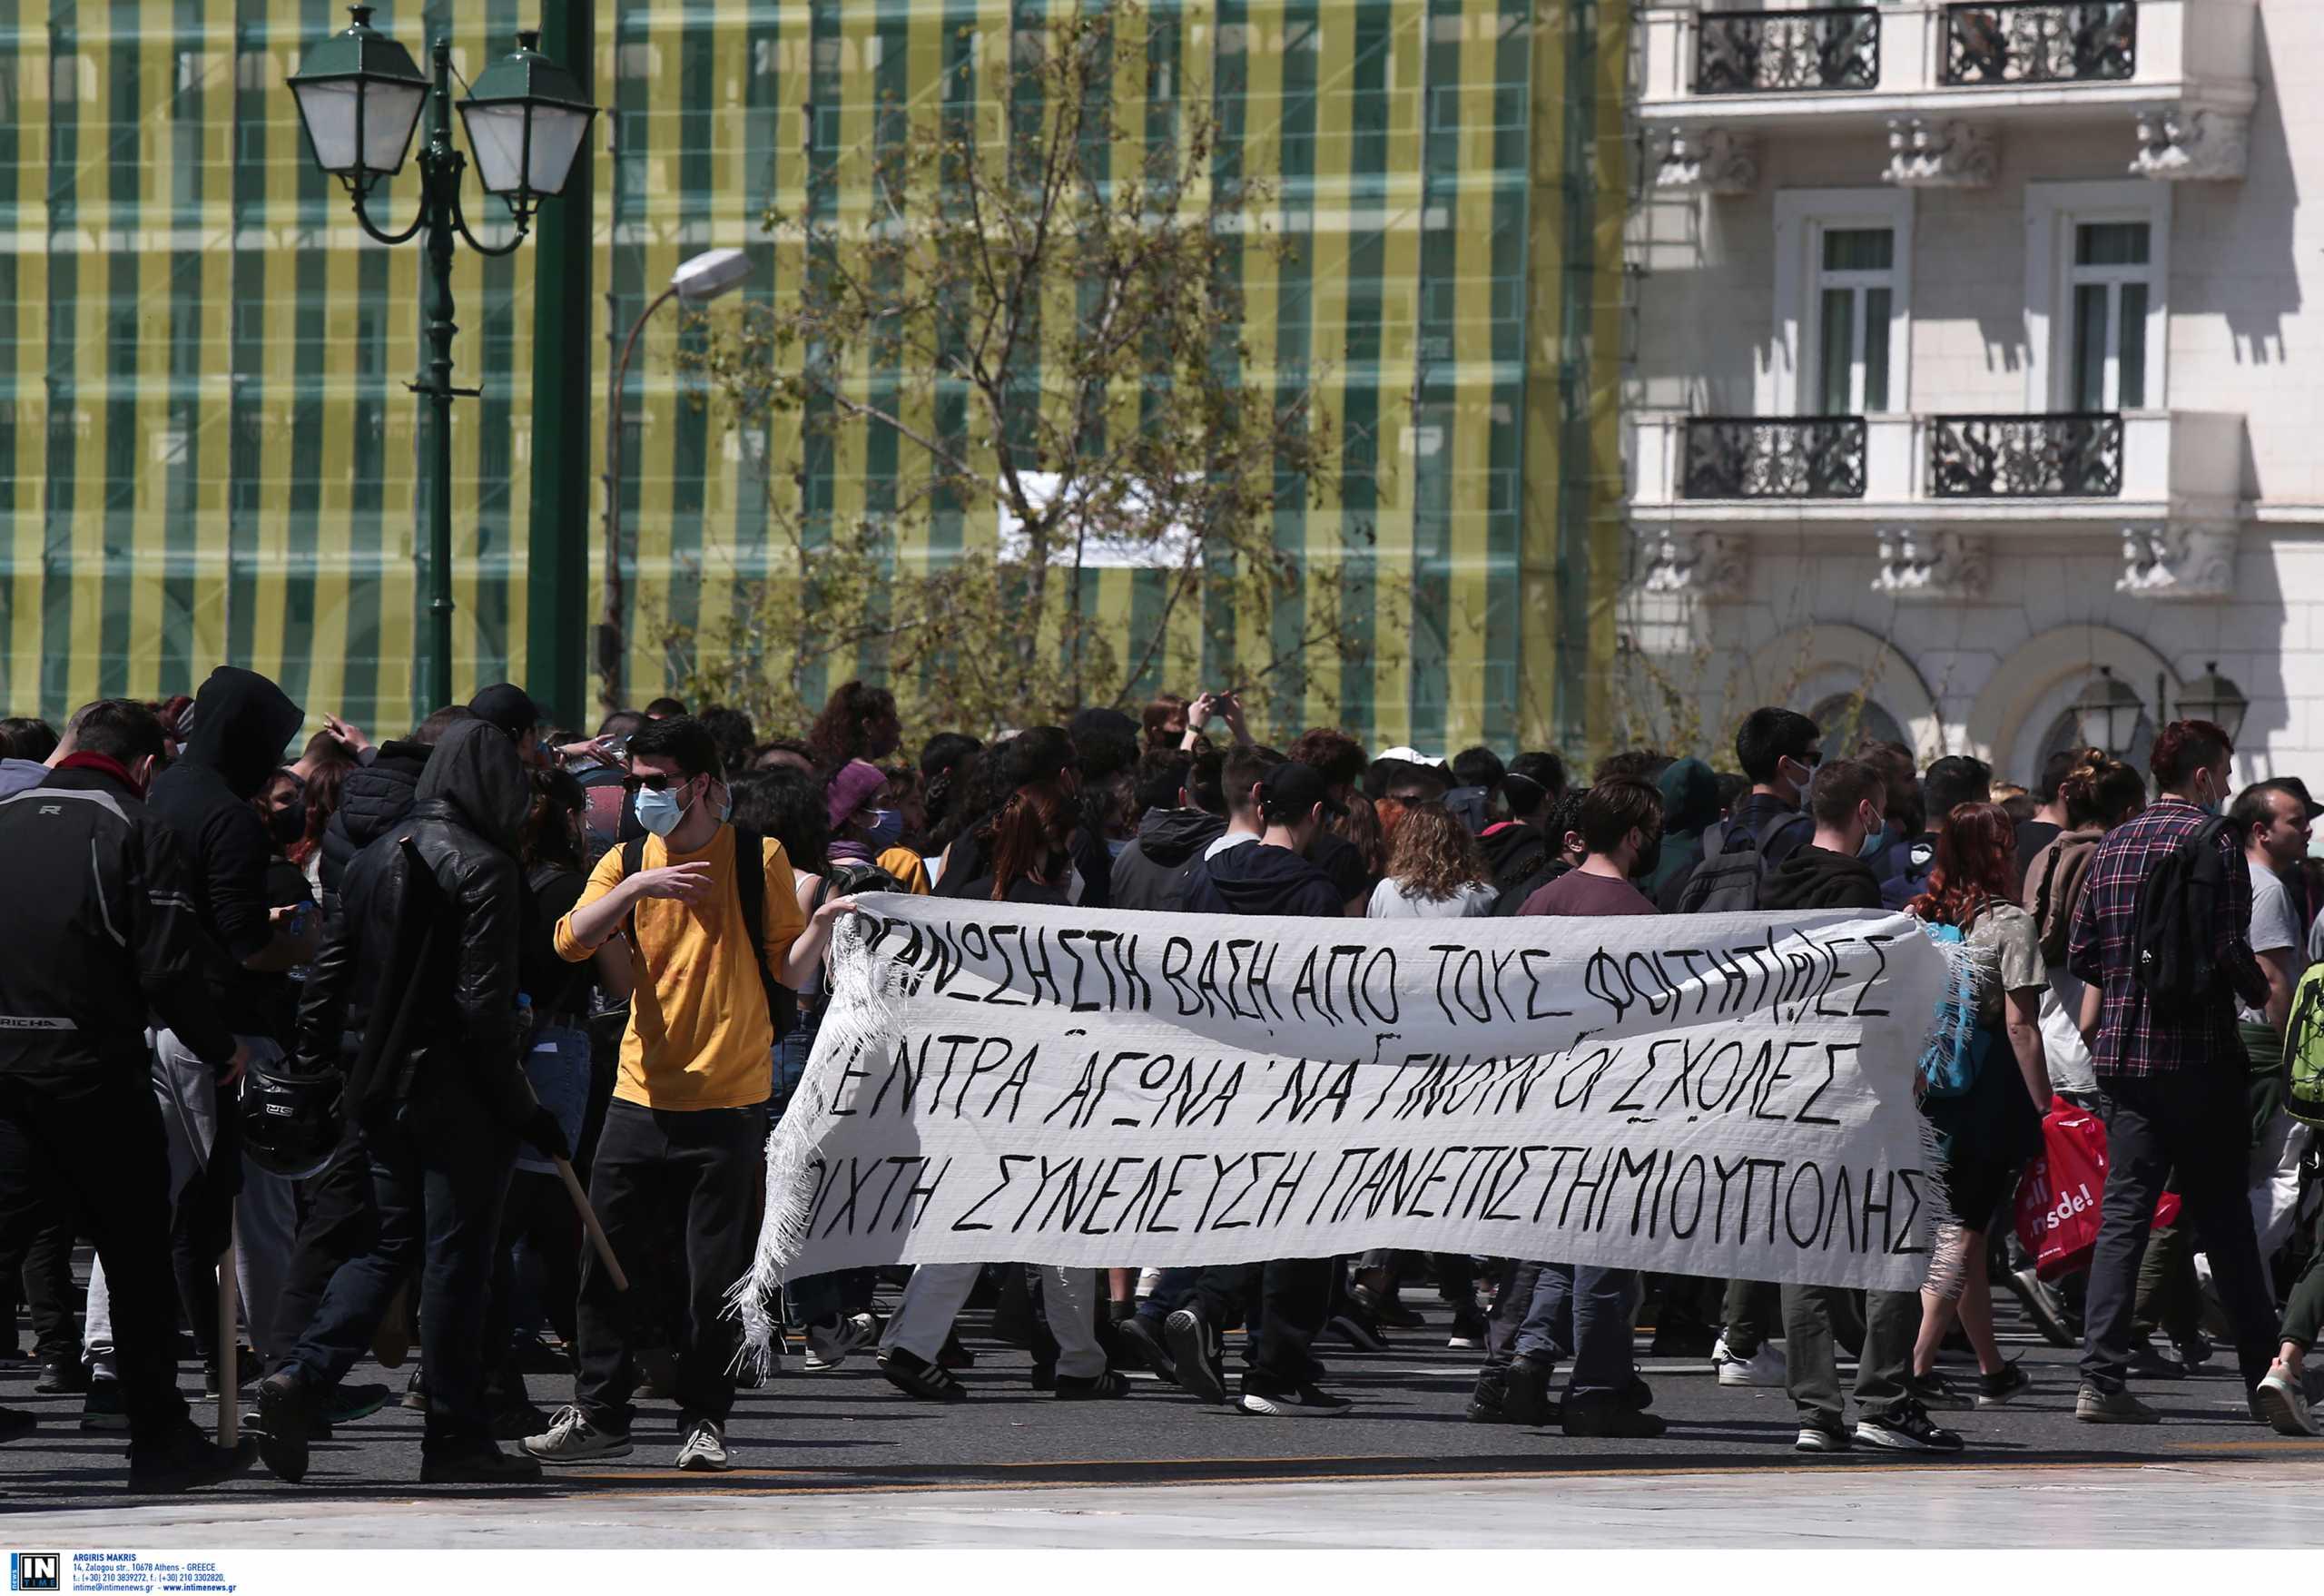 Ένταση στην ΑΣΟΕΕ μετά το πανεκπαιδευτικό συλλαλητήριο (video)